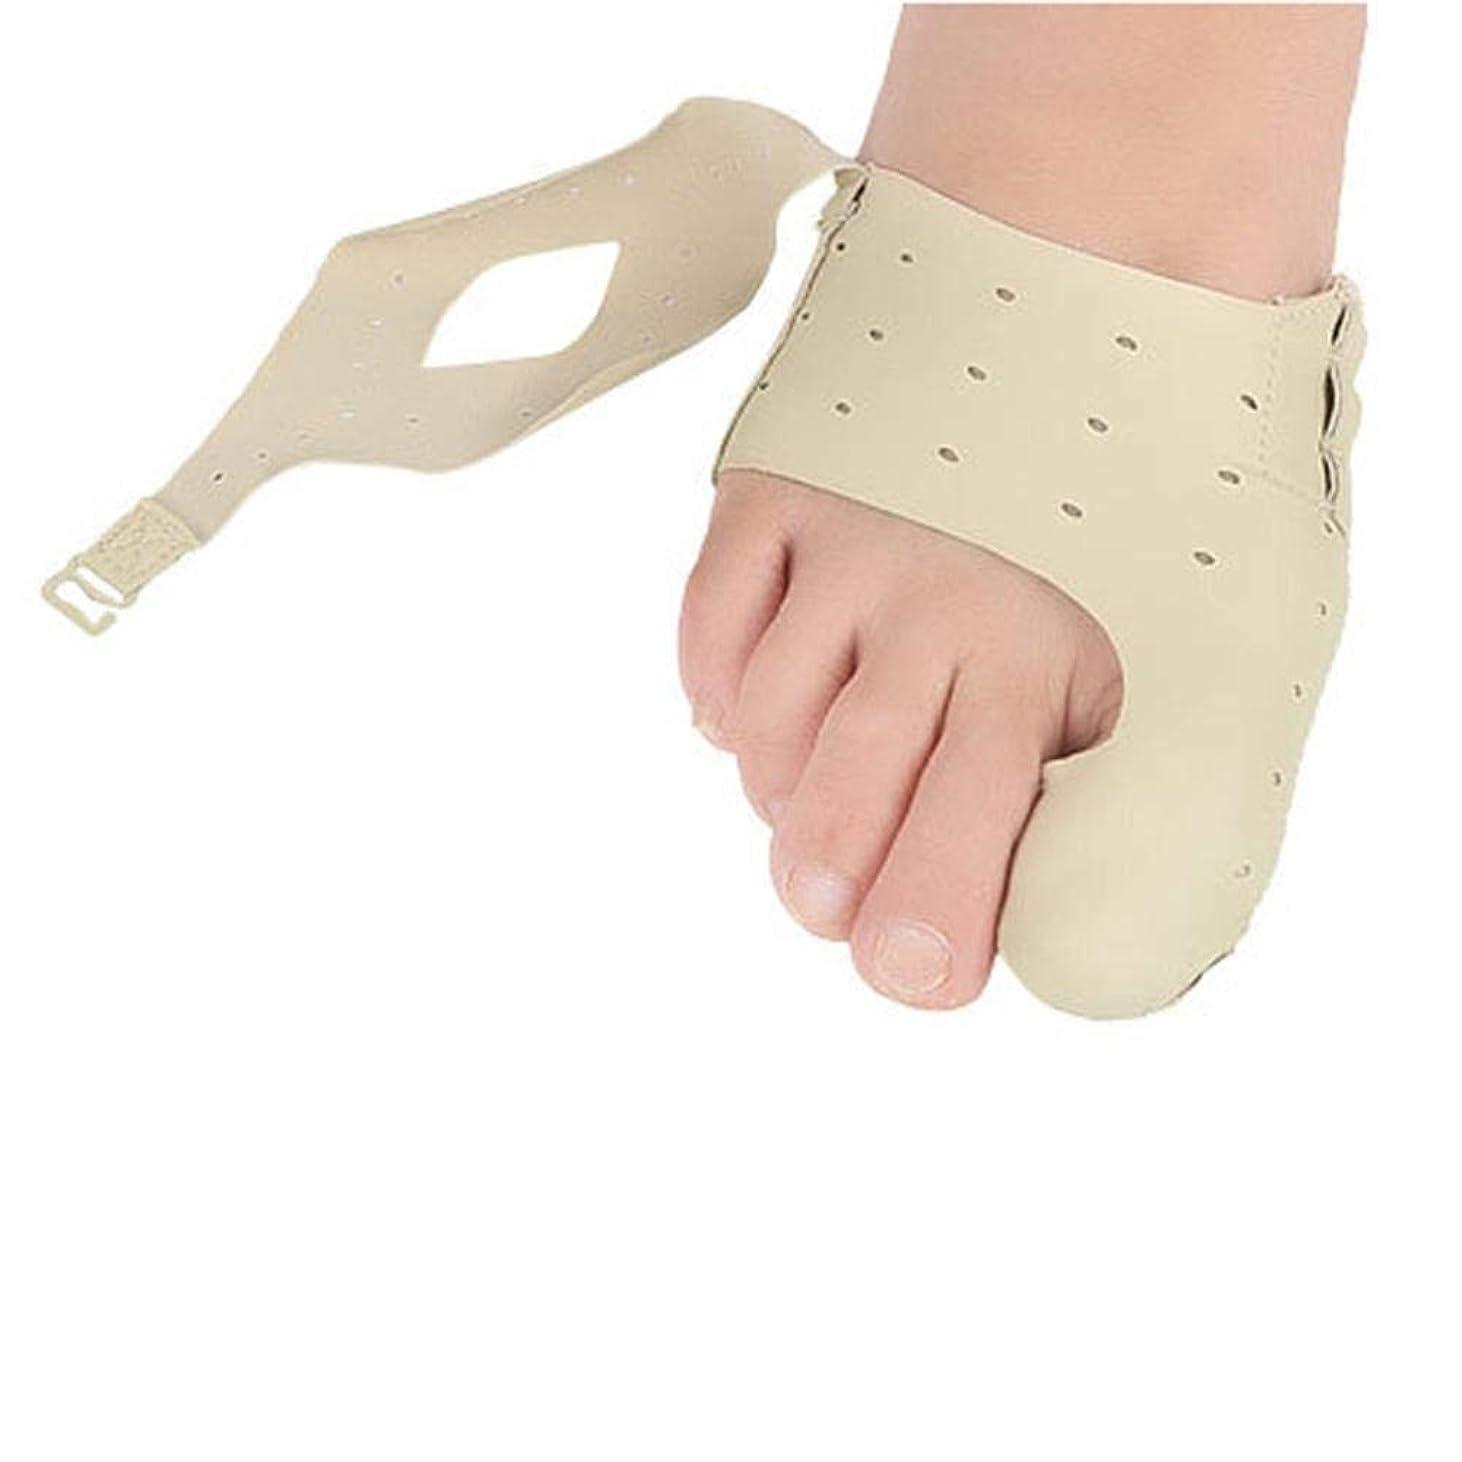 フリース浸透する結婚腱板矯正術、外反母趾の痛みの治療、足の親指の関節、足のつま先、つま先のセパレータースペーサーストレートナースプリントエイド手術治療